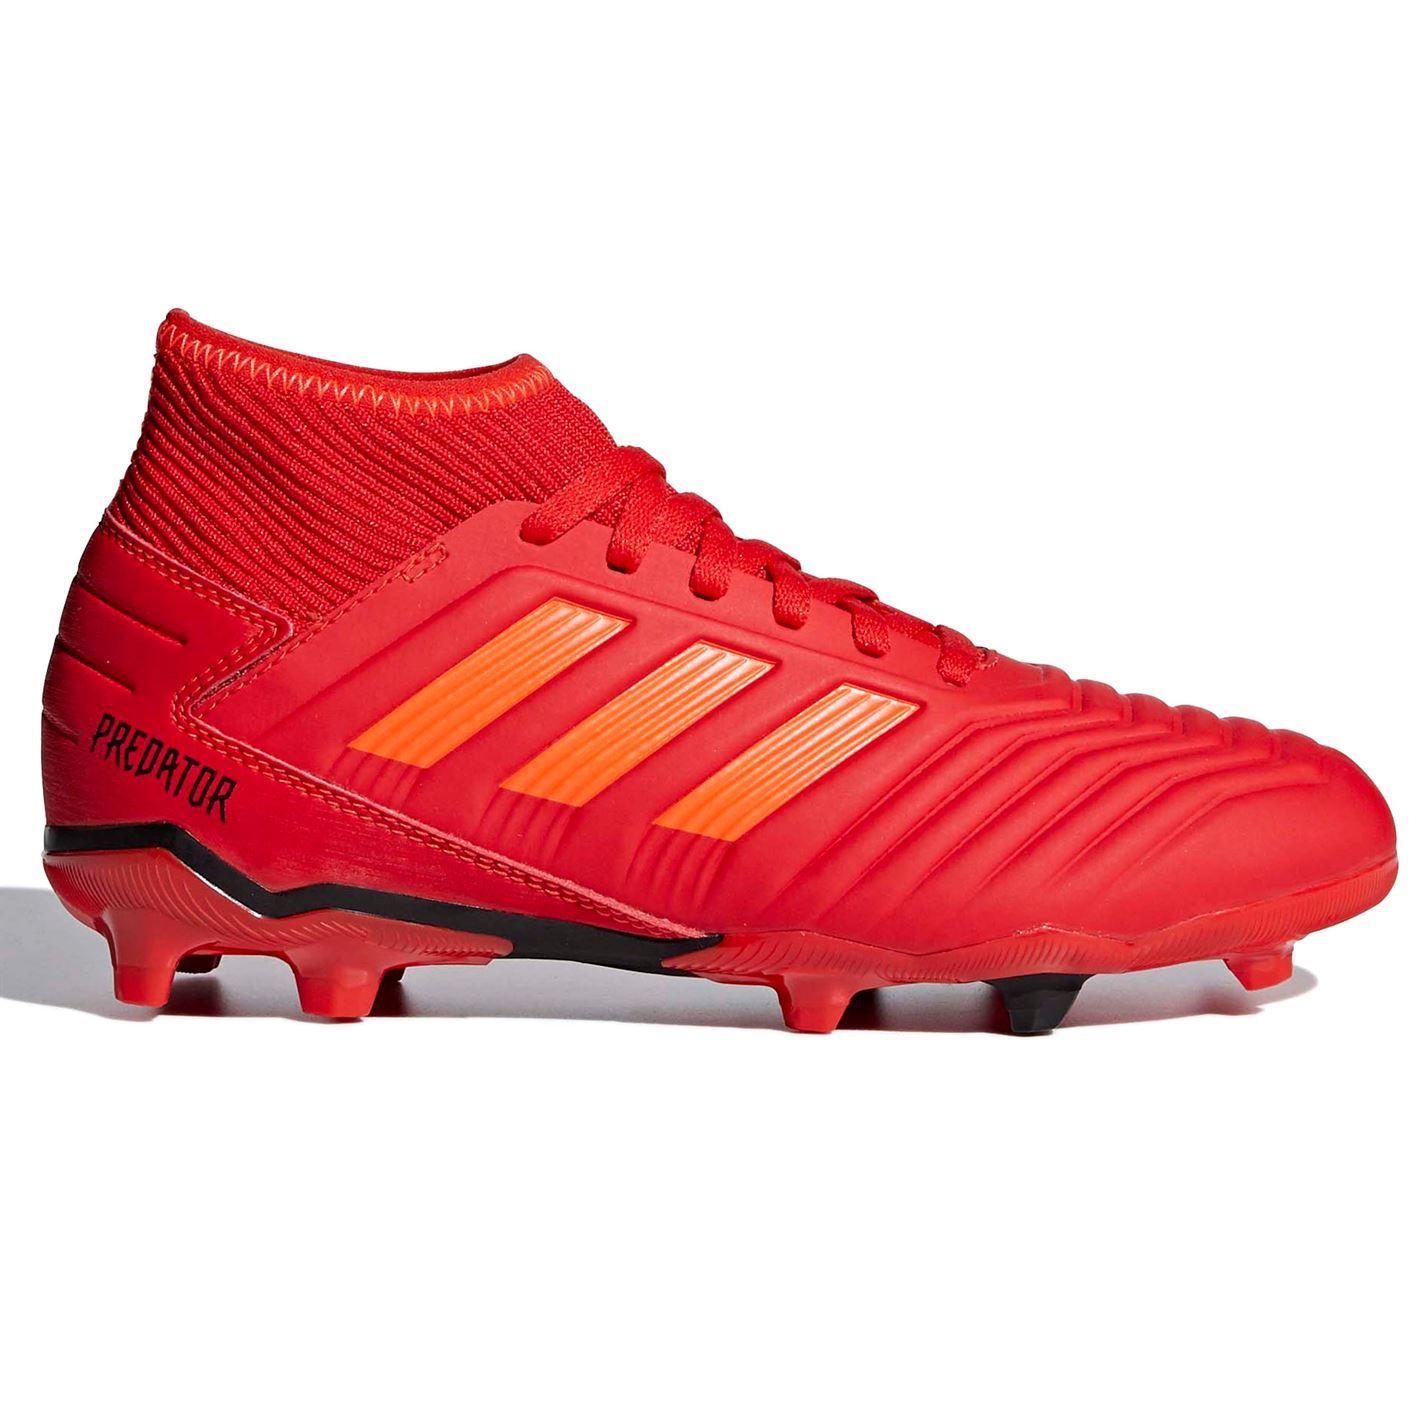 Dettagli su Adidas Predatore 19.3 Fg Firm Ground Calcio Stivali Juniors Rosso Tacchetti